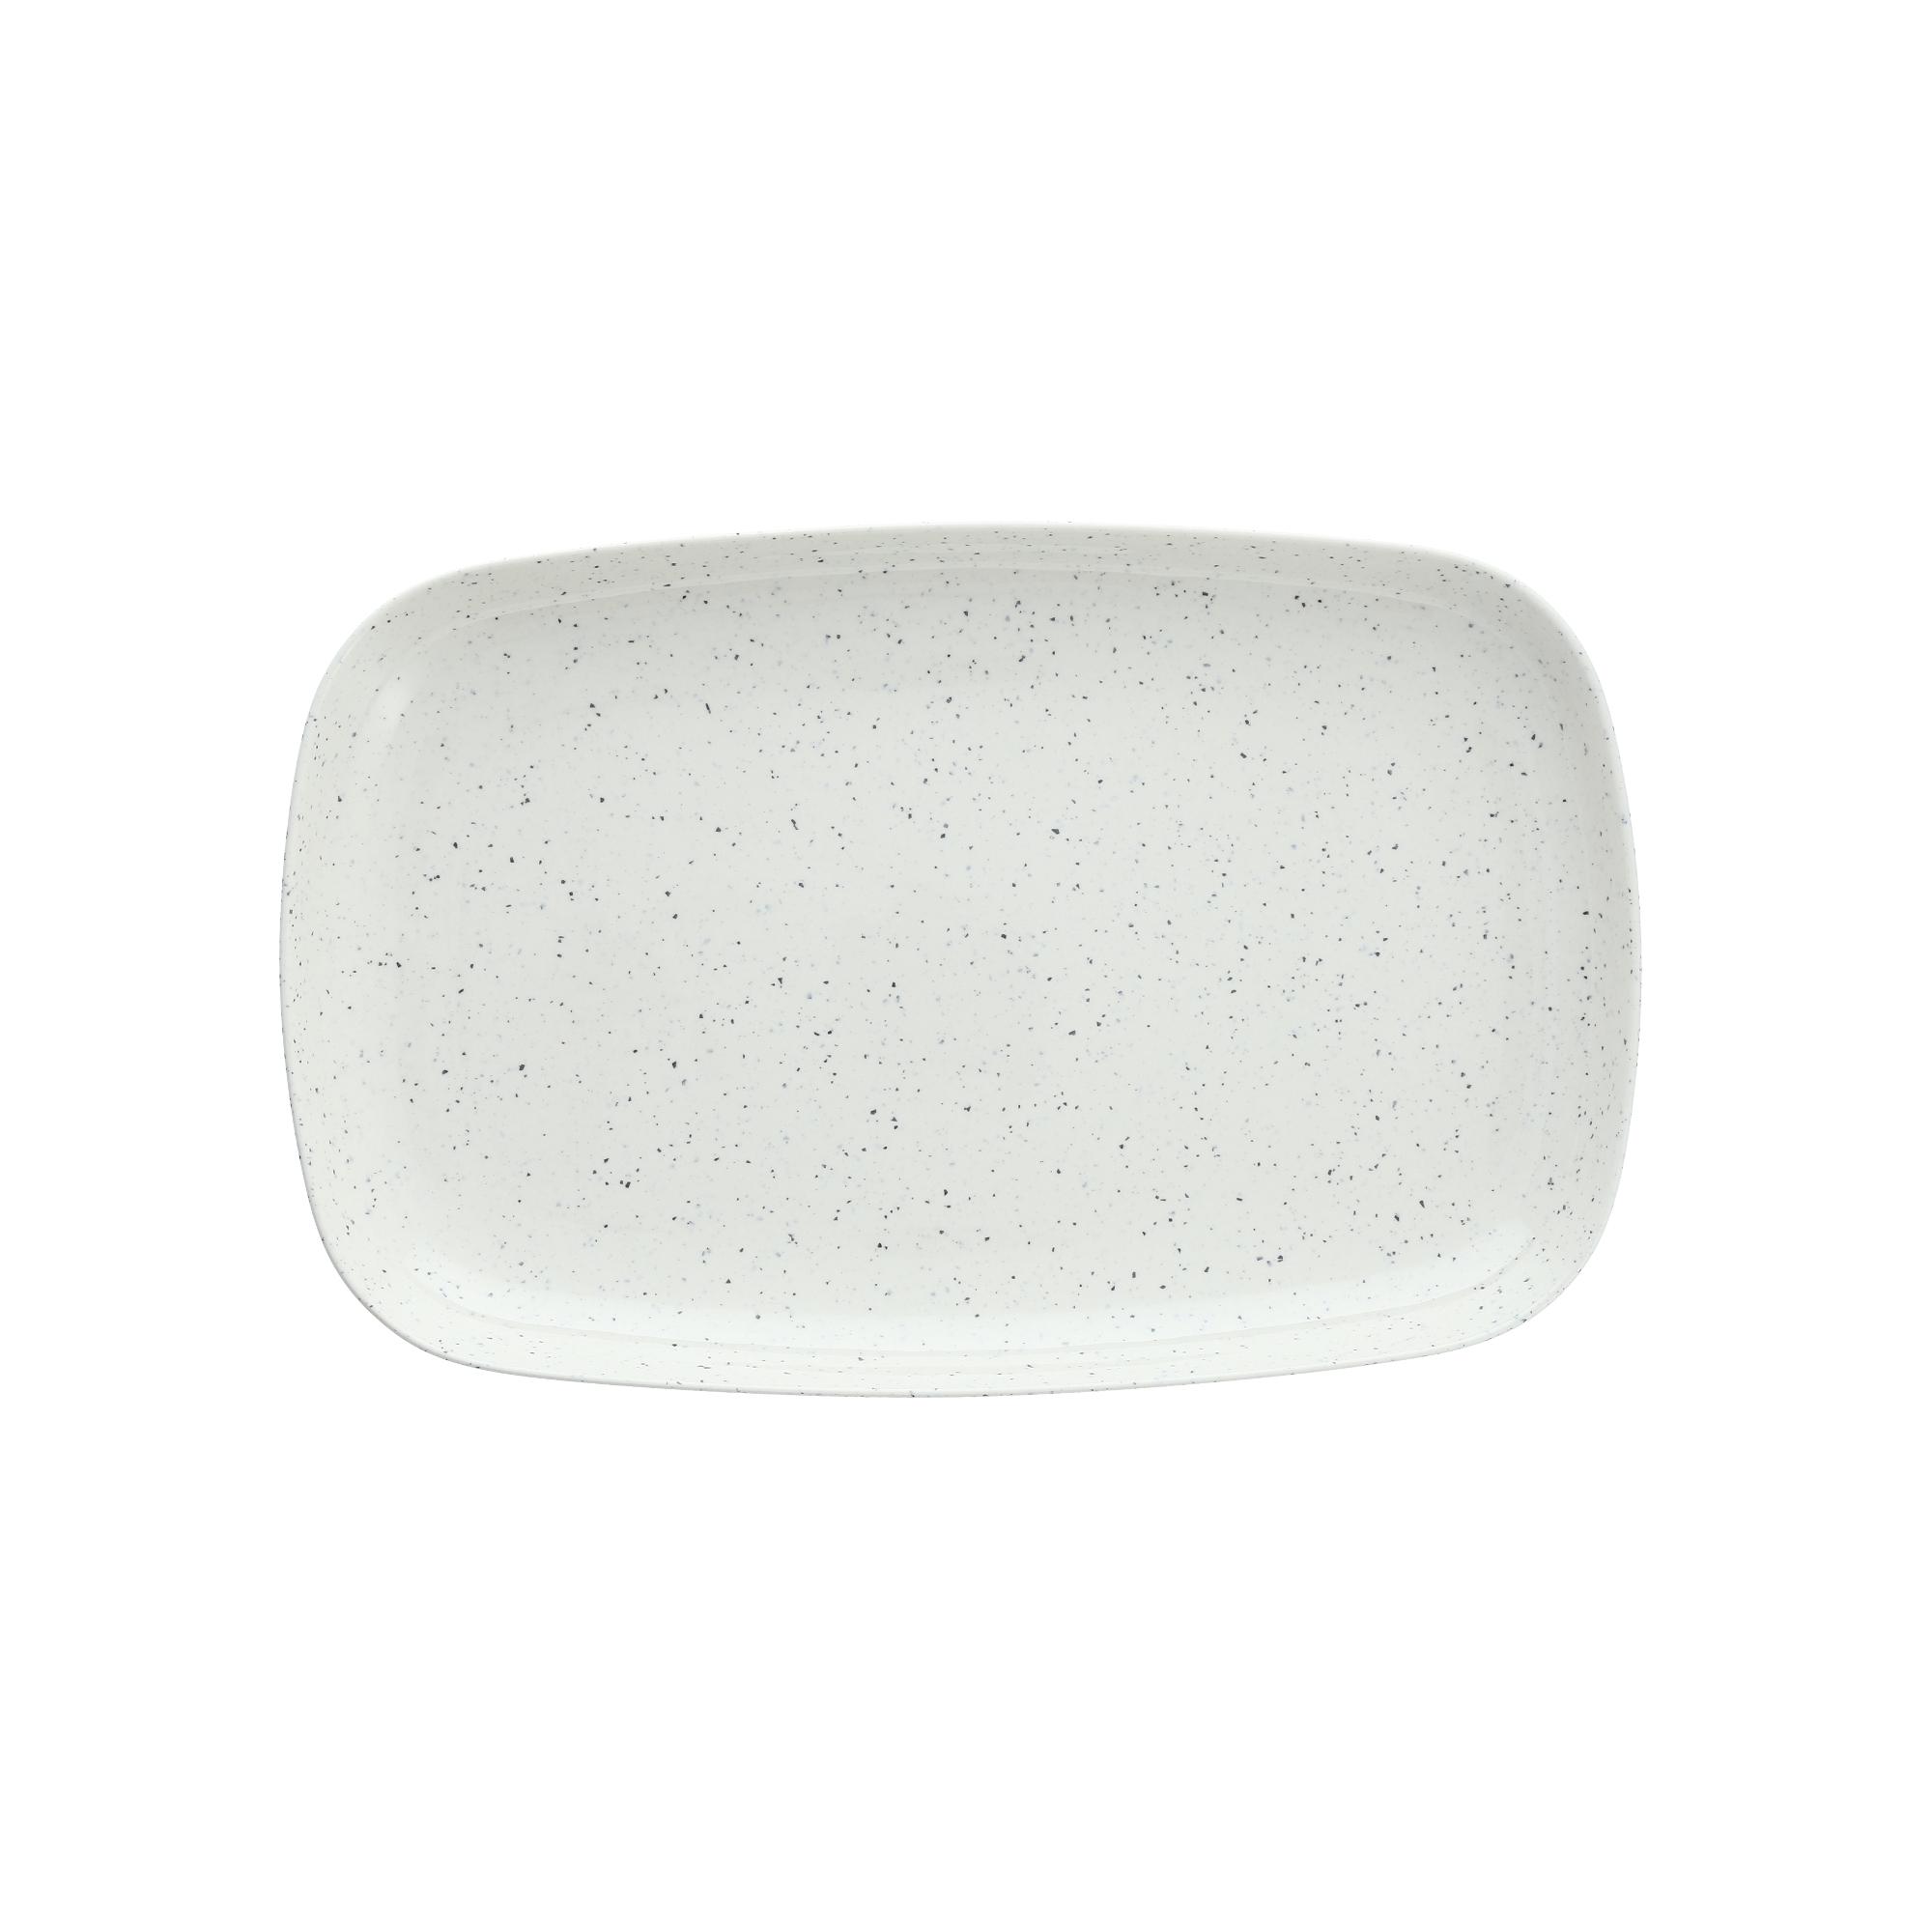 Fortessa Camp White Melamine Rectangular Coupe Platter, Set of 4